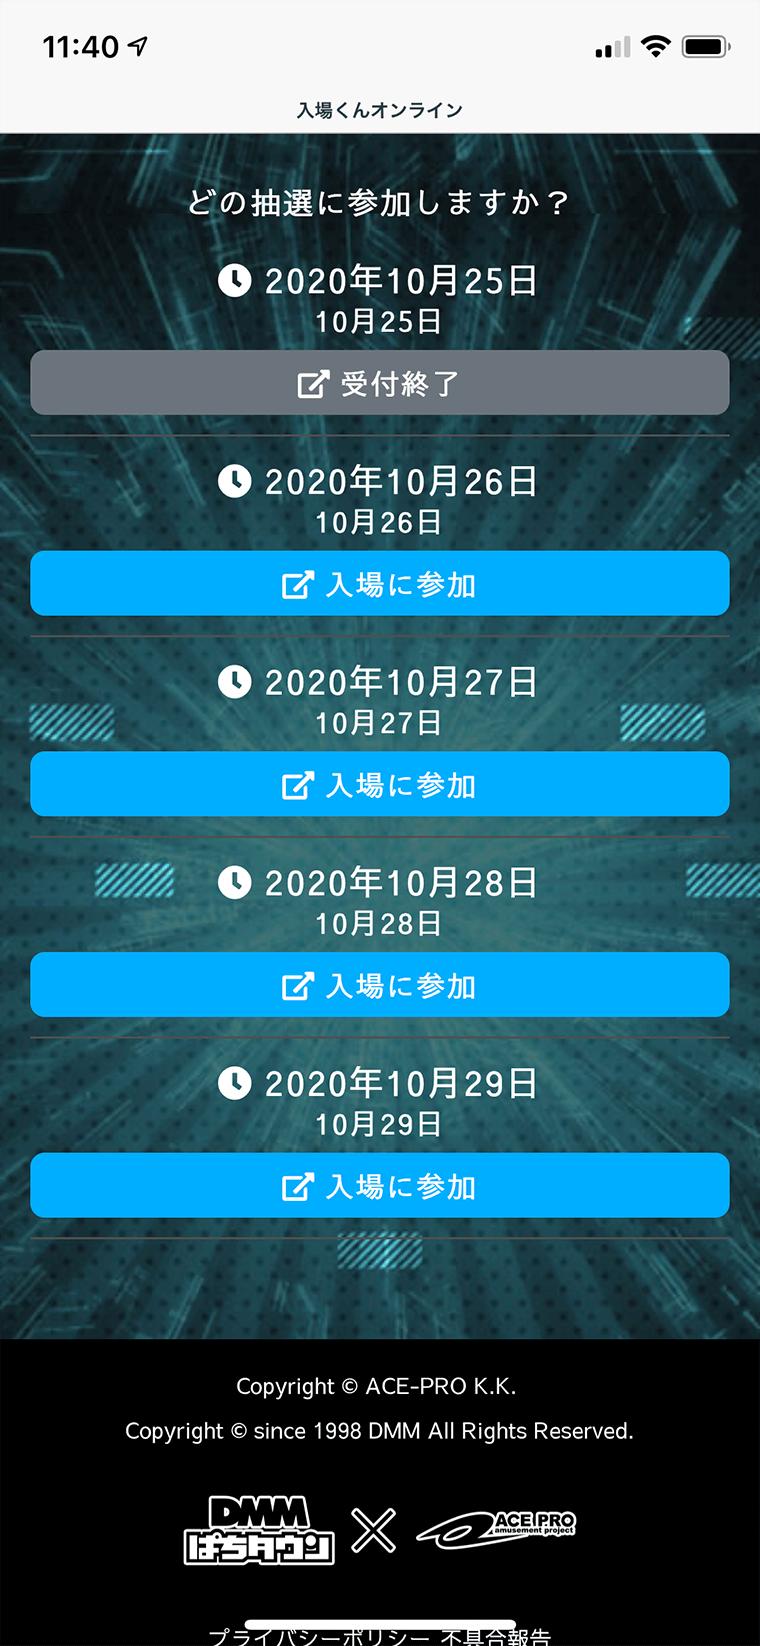 ジャラン五反田 入場